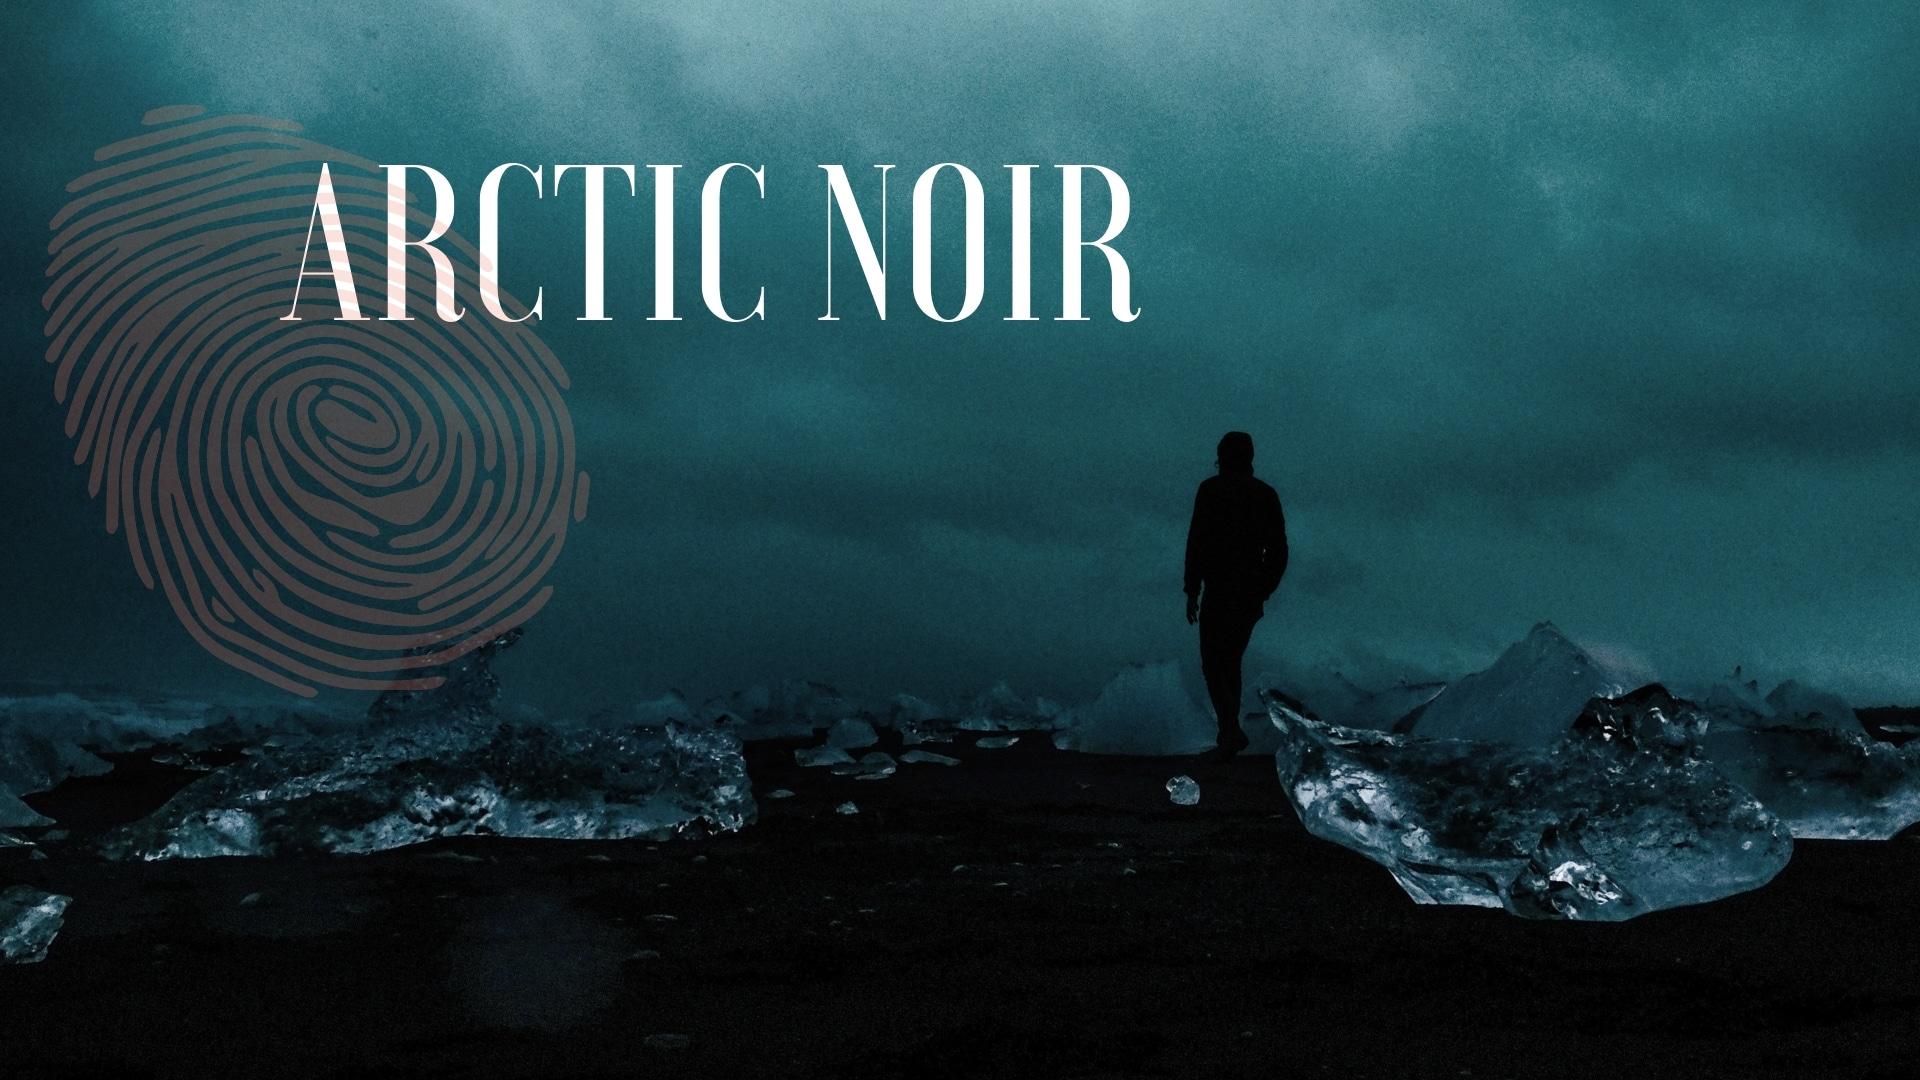 arctic noir